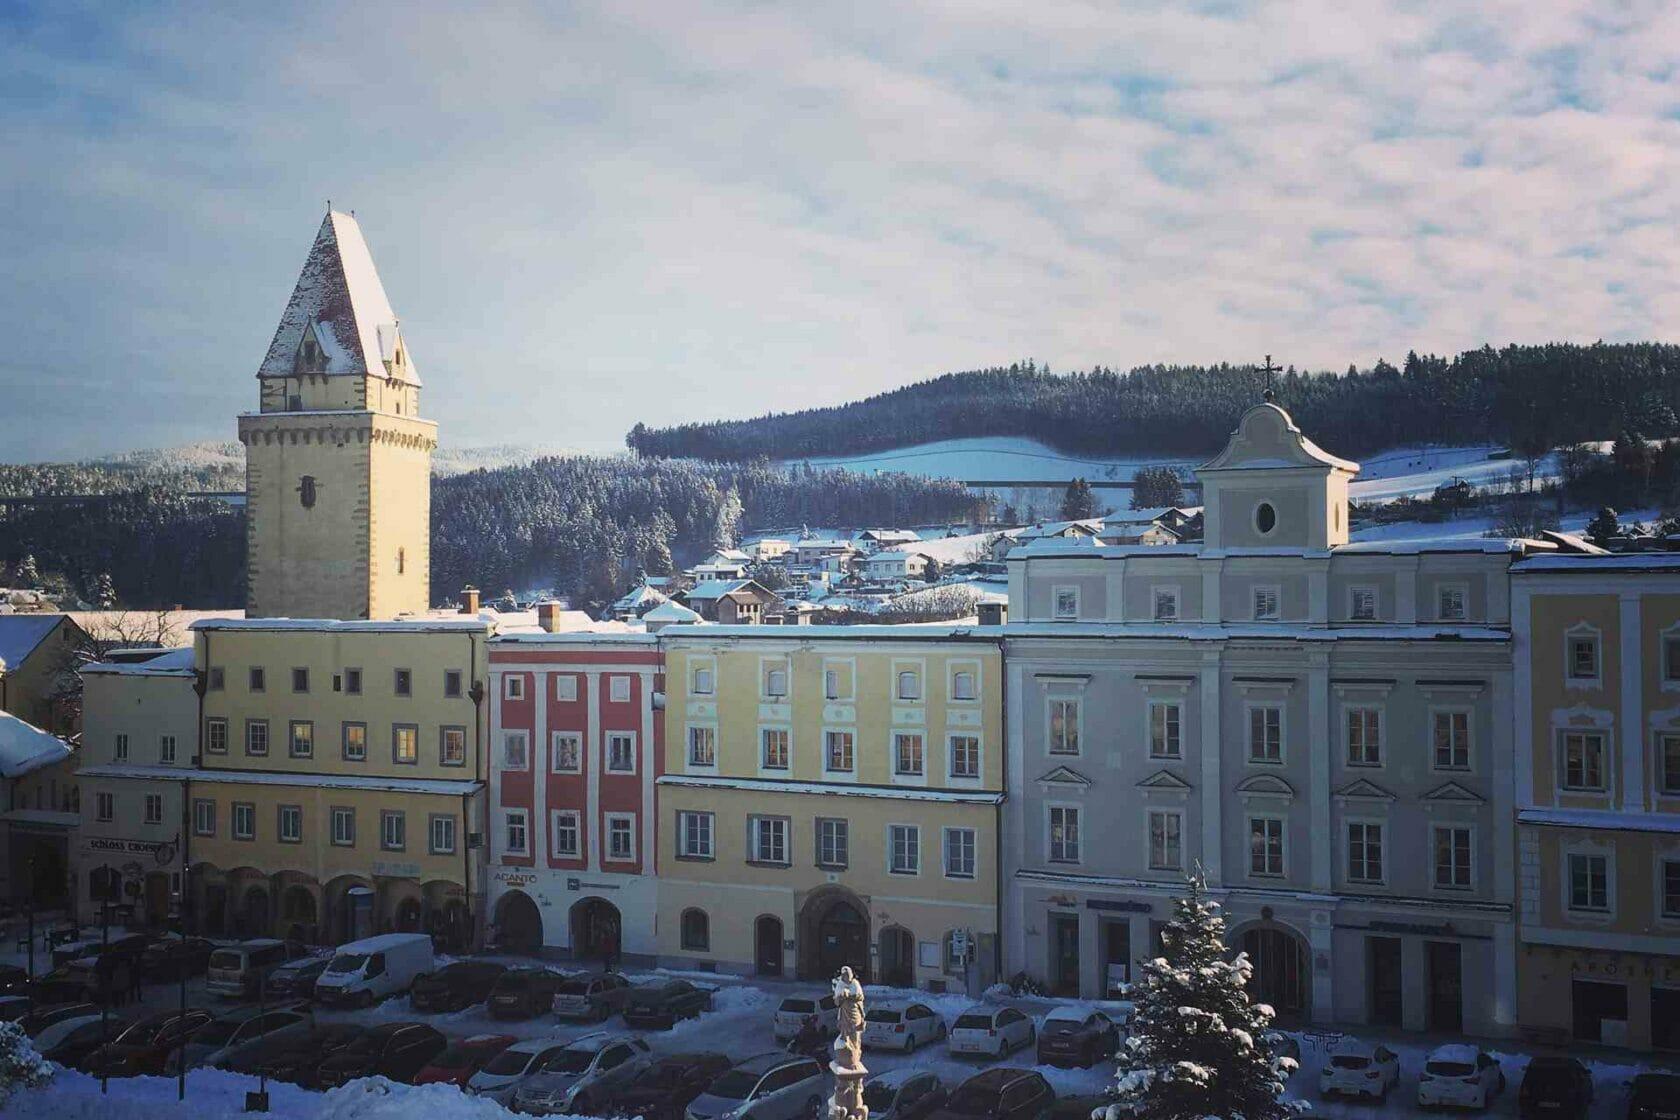 Winter Hauptplatz in Freistadt